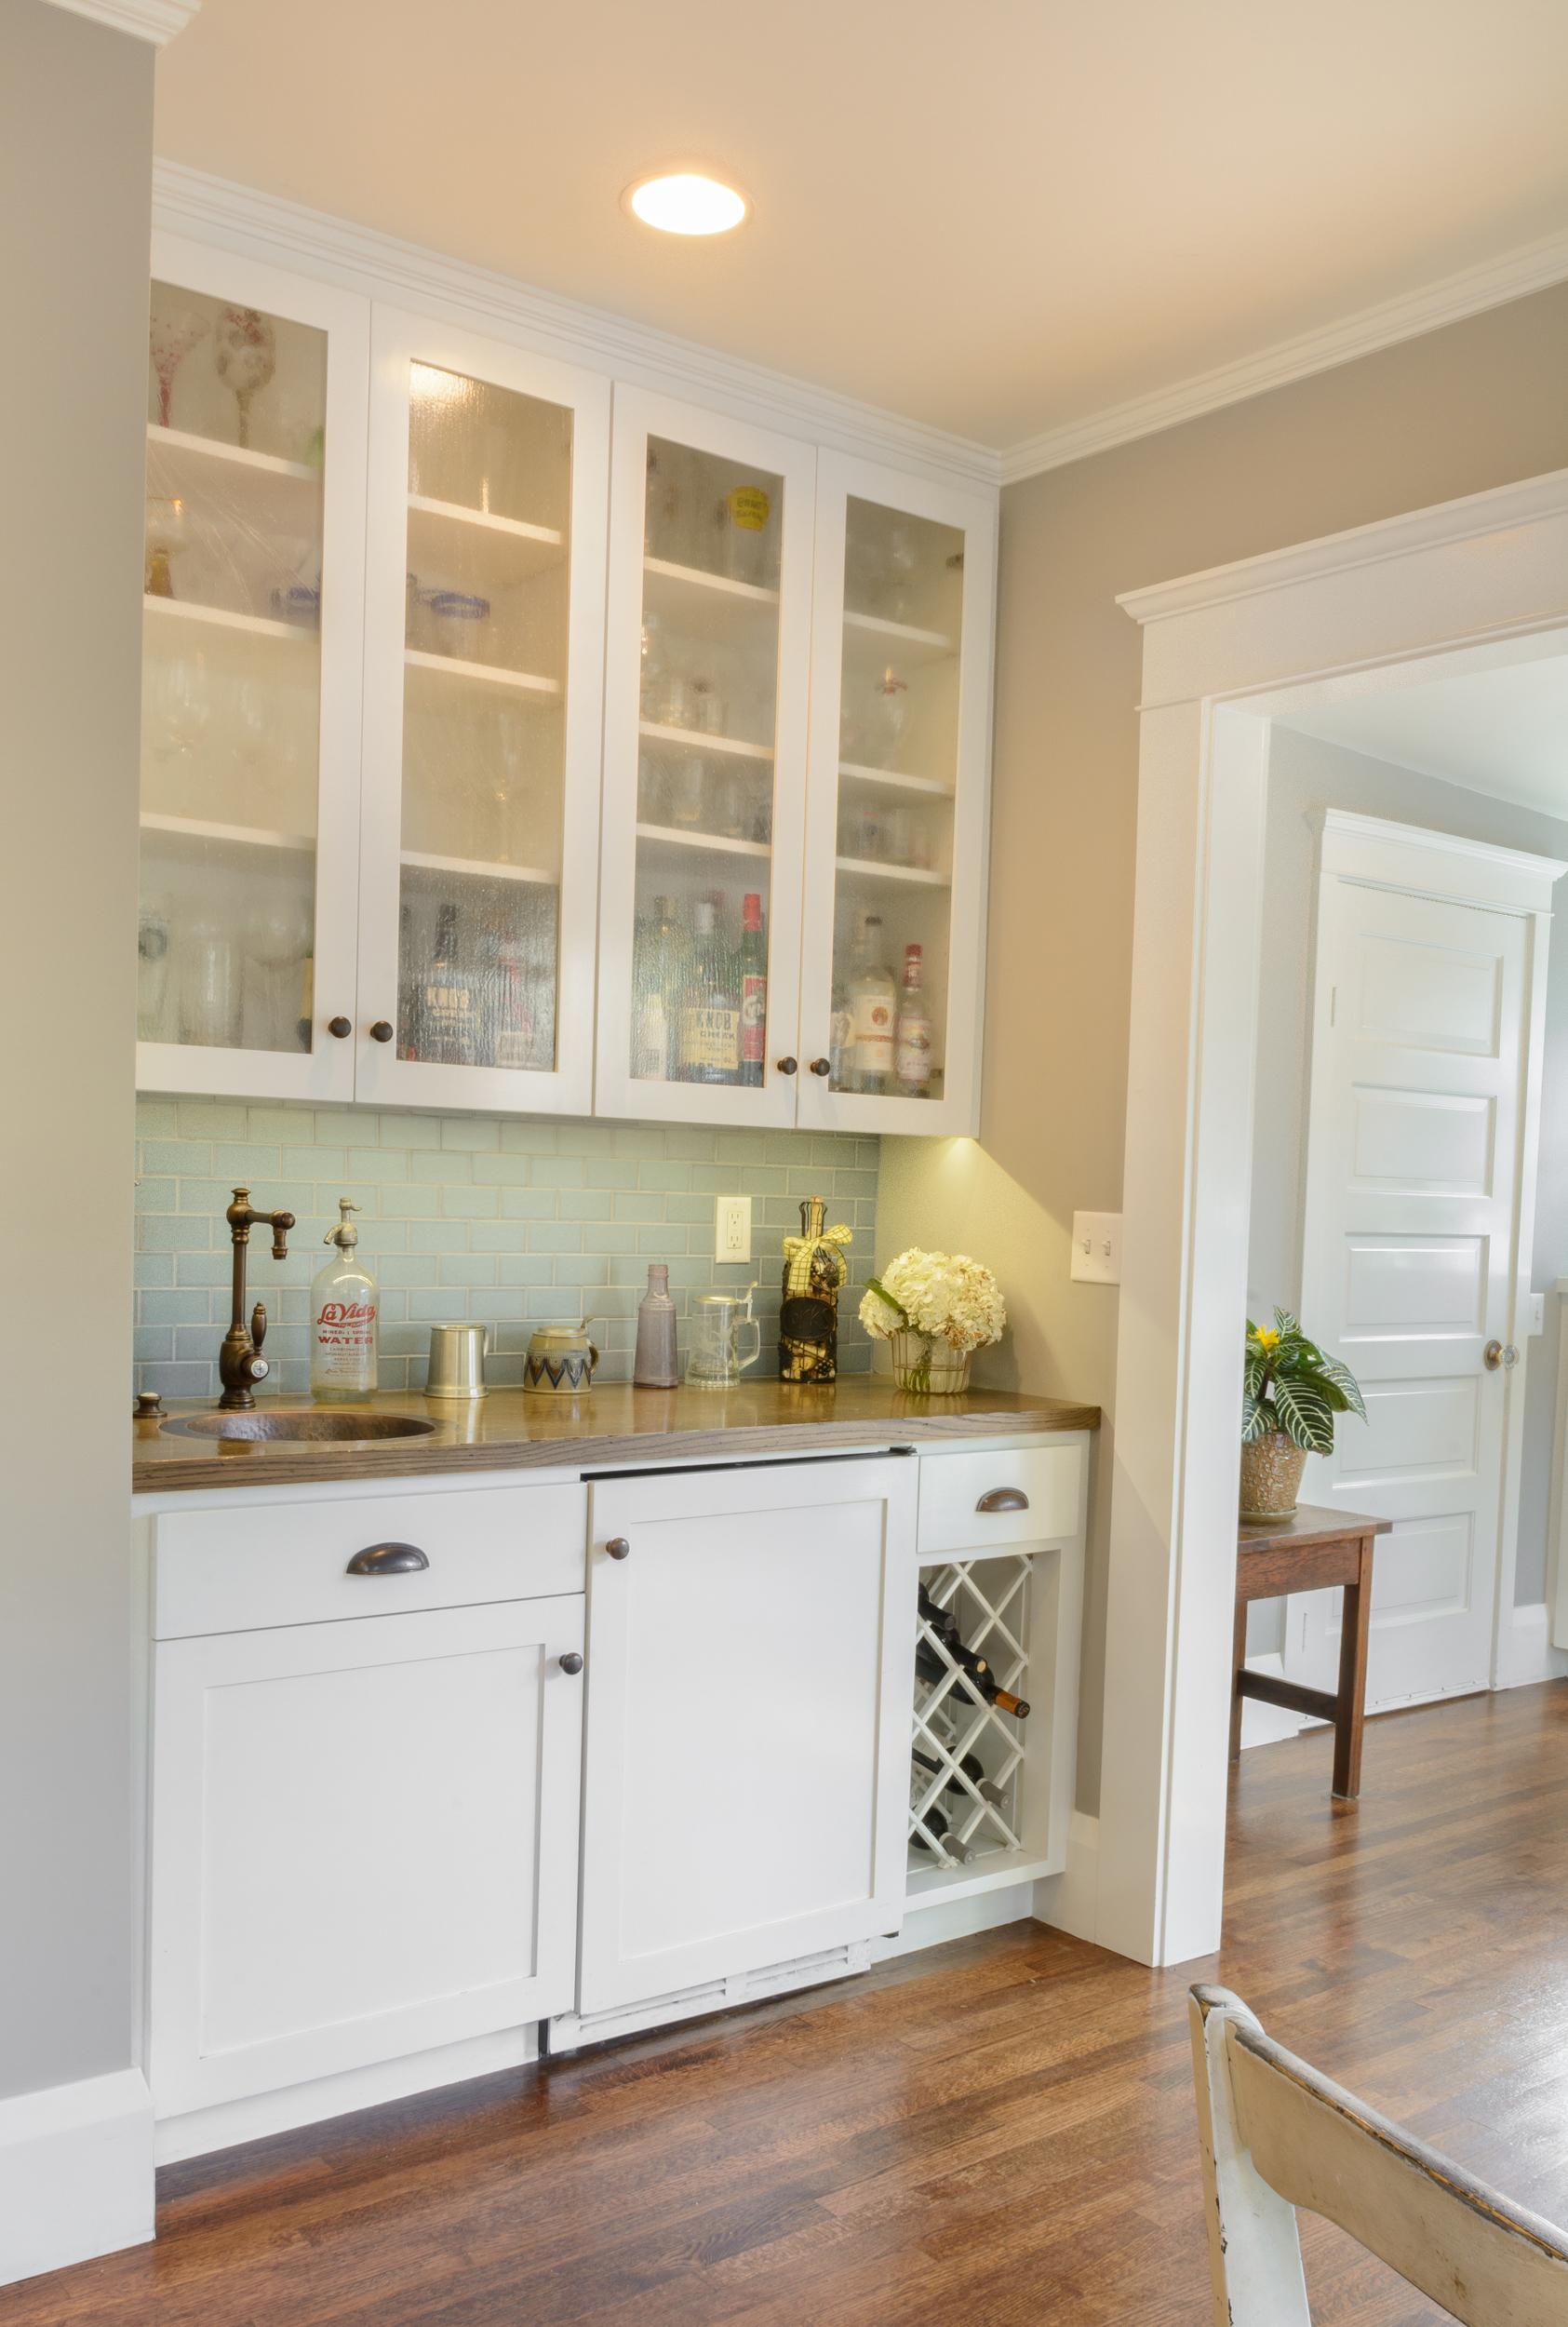 Claremont kitchen remodels